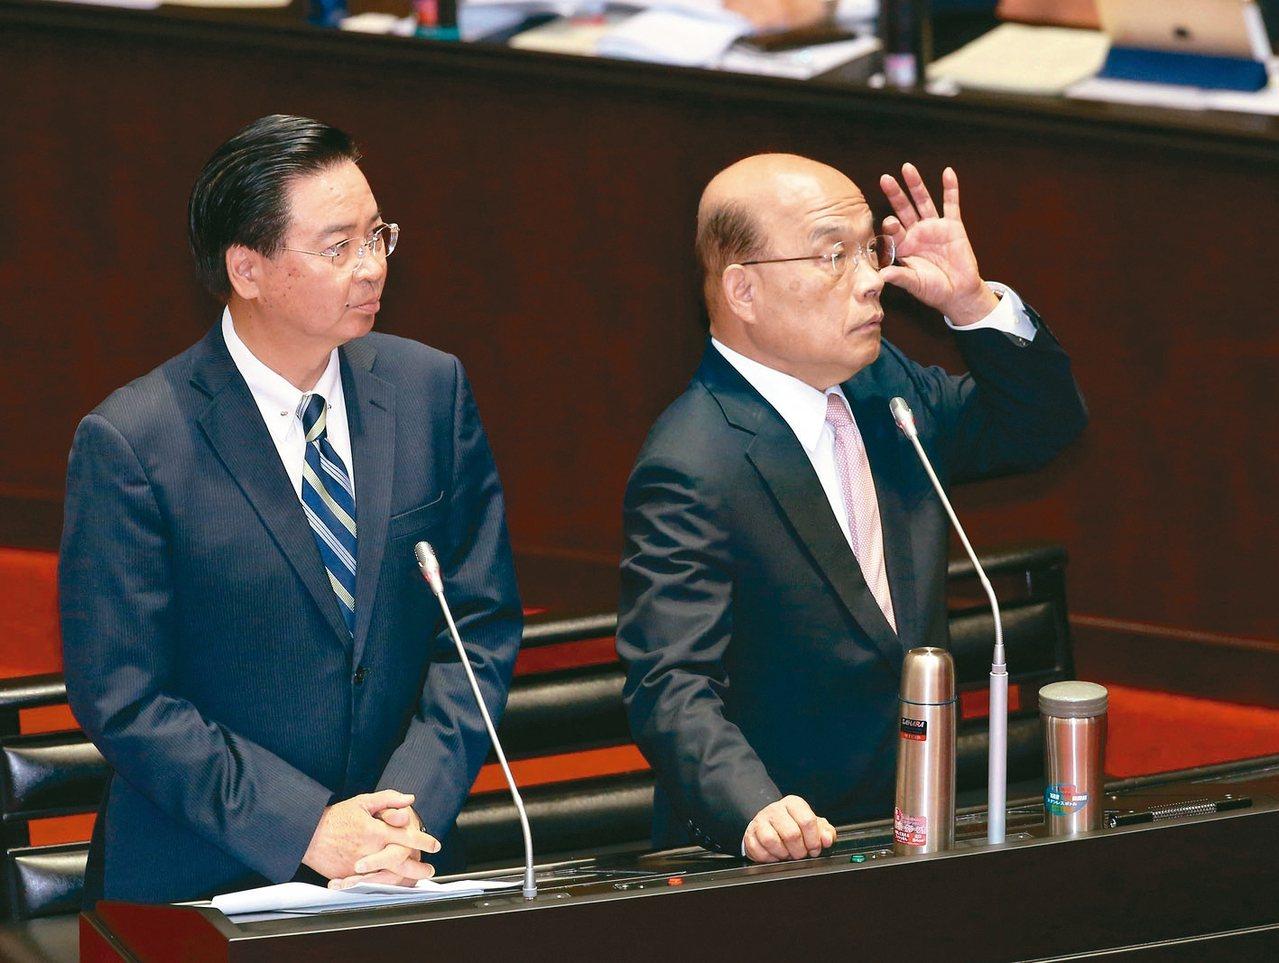 行政院长苏贞昌(右)与外交部长吴钊燮上午到立法院备询。 记者林澔一/摄影